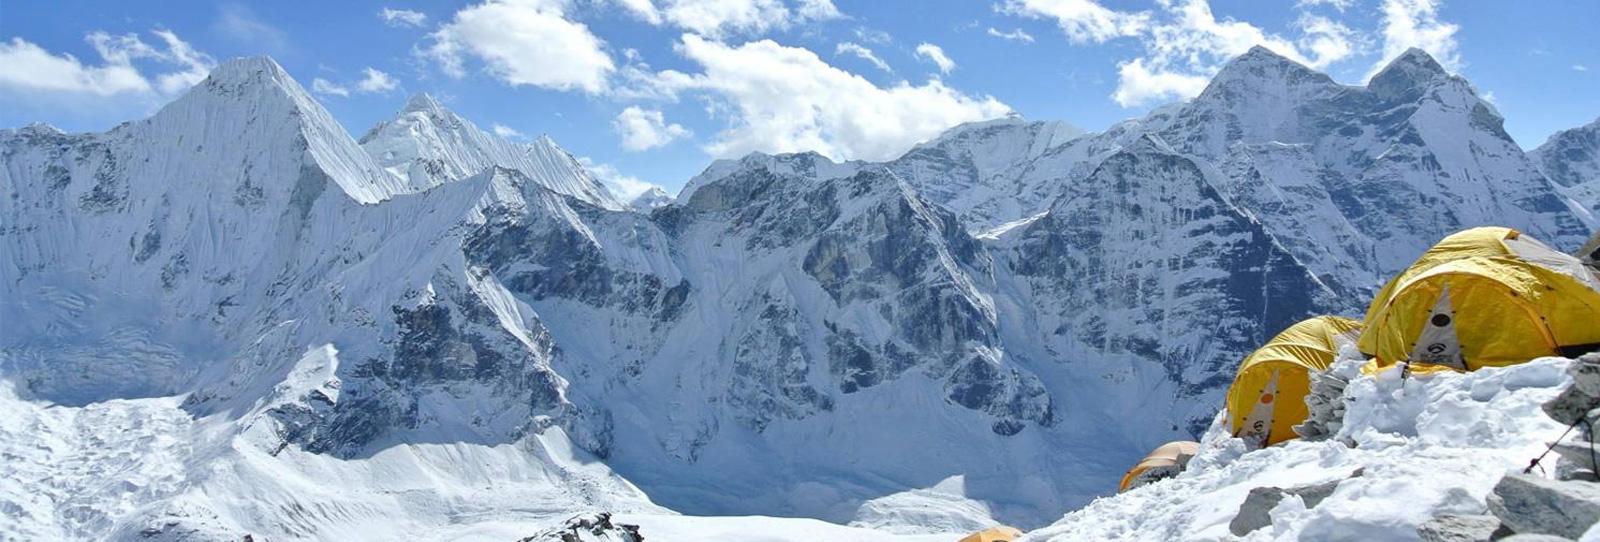 Dhampus Peak Climbing (6012m/19725ft)